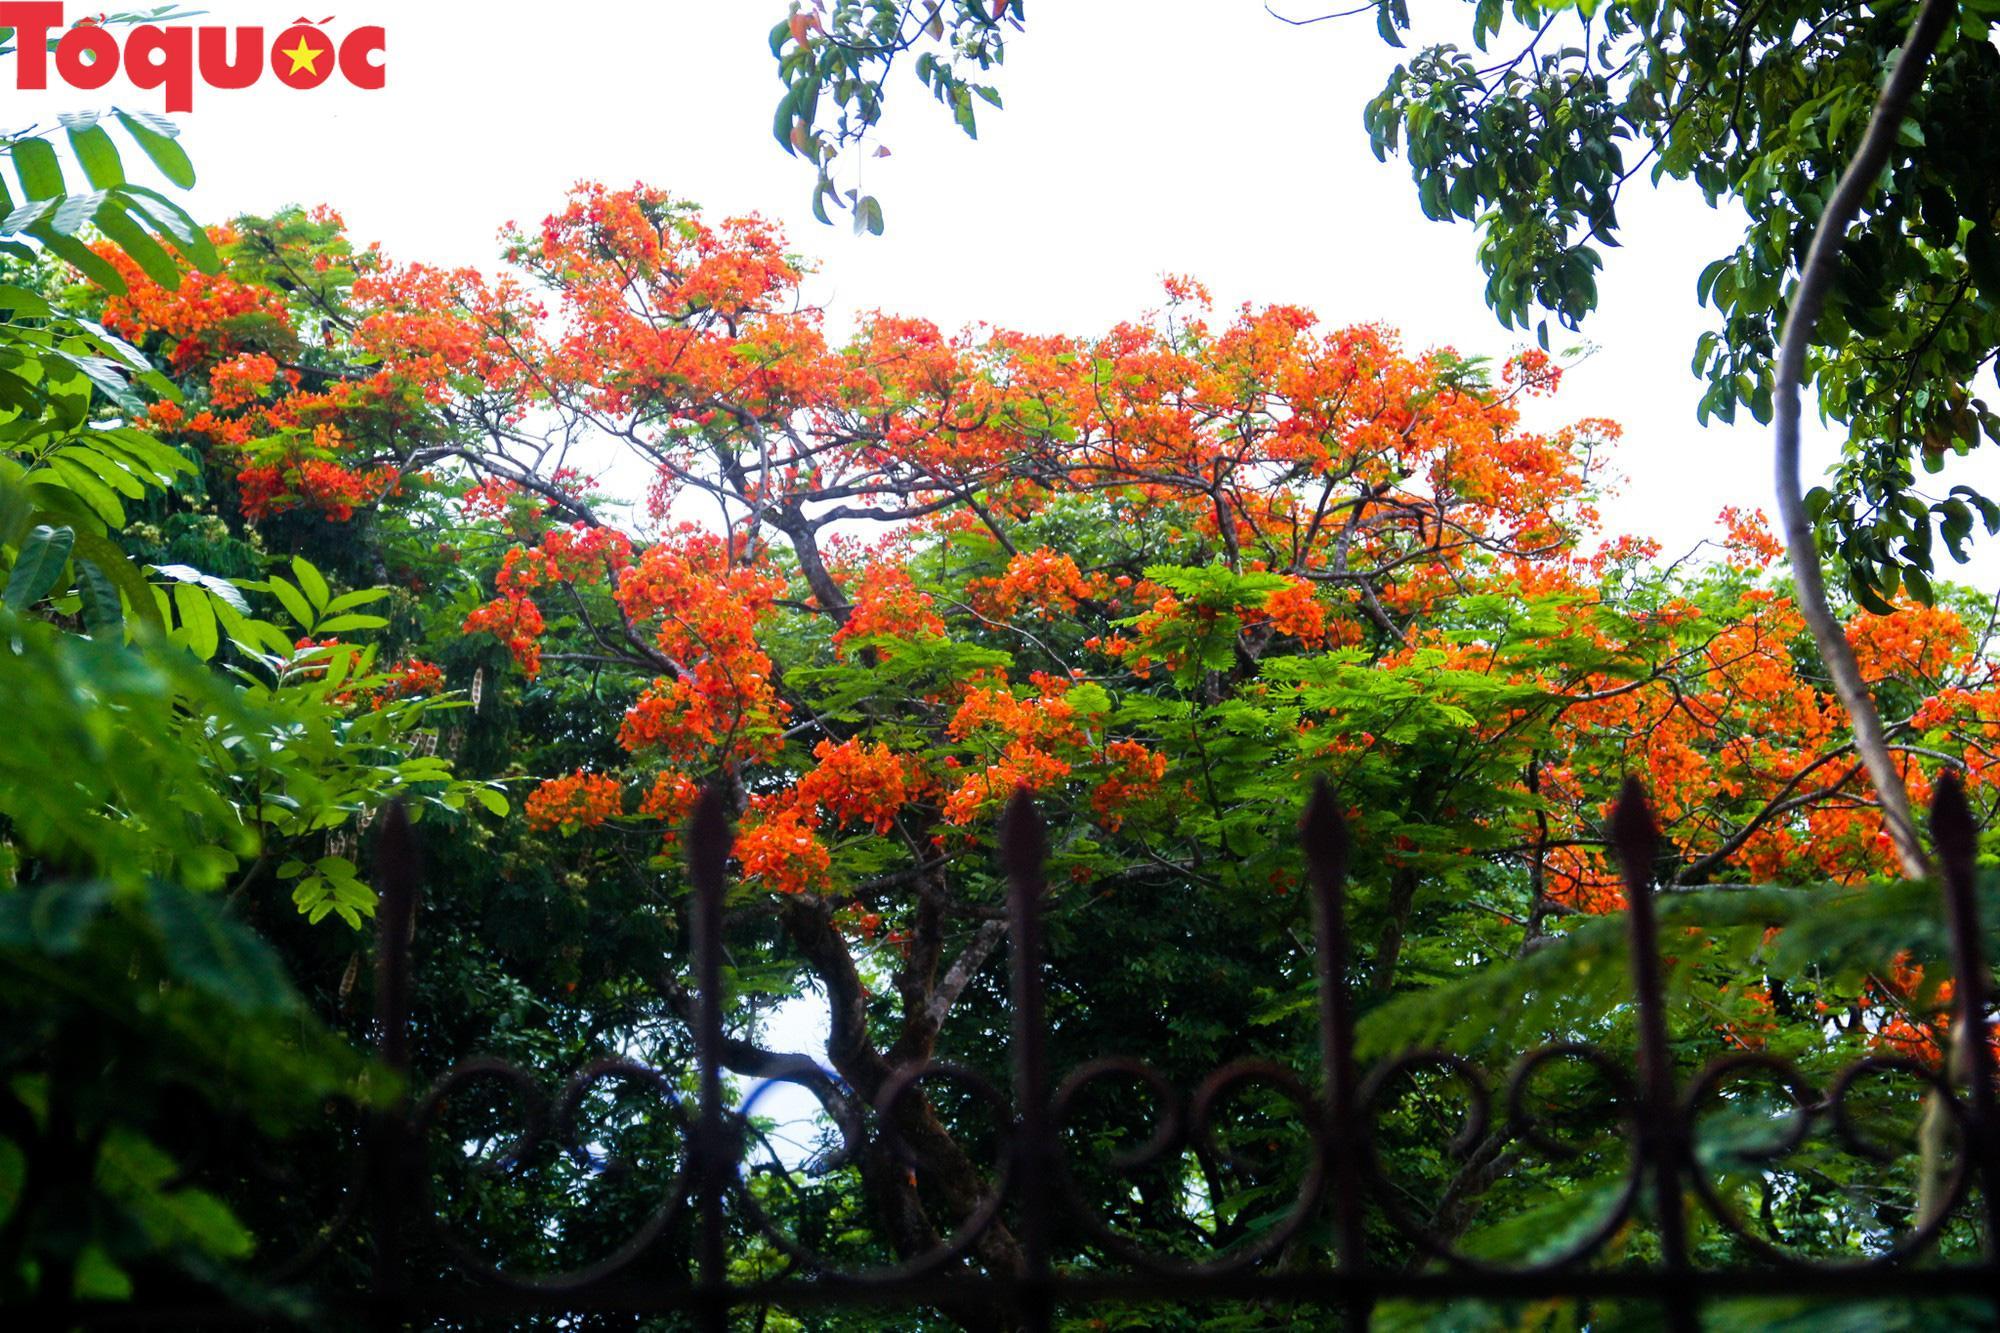 Đất trời xứ Huế đẹp rực rỡ trong mùa phượng vĩ nở hoa Ảnh 5